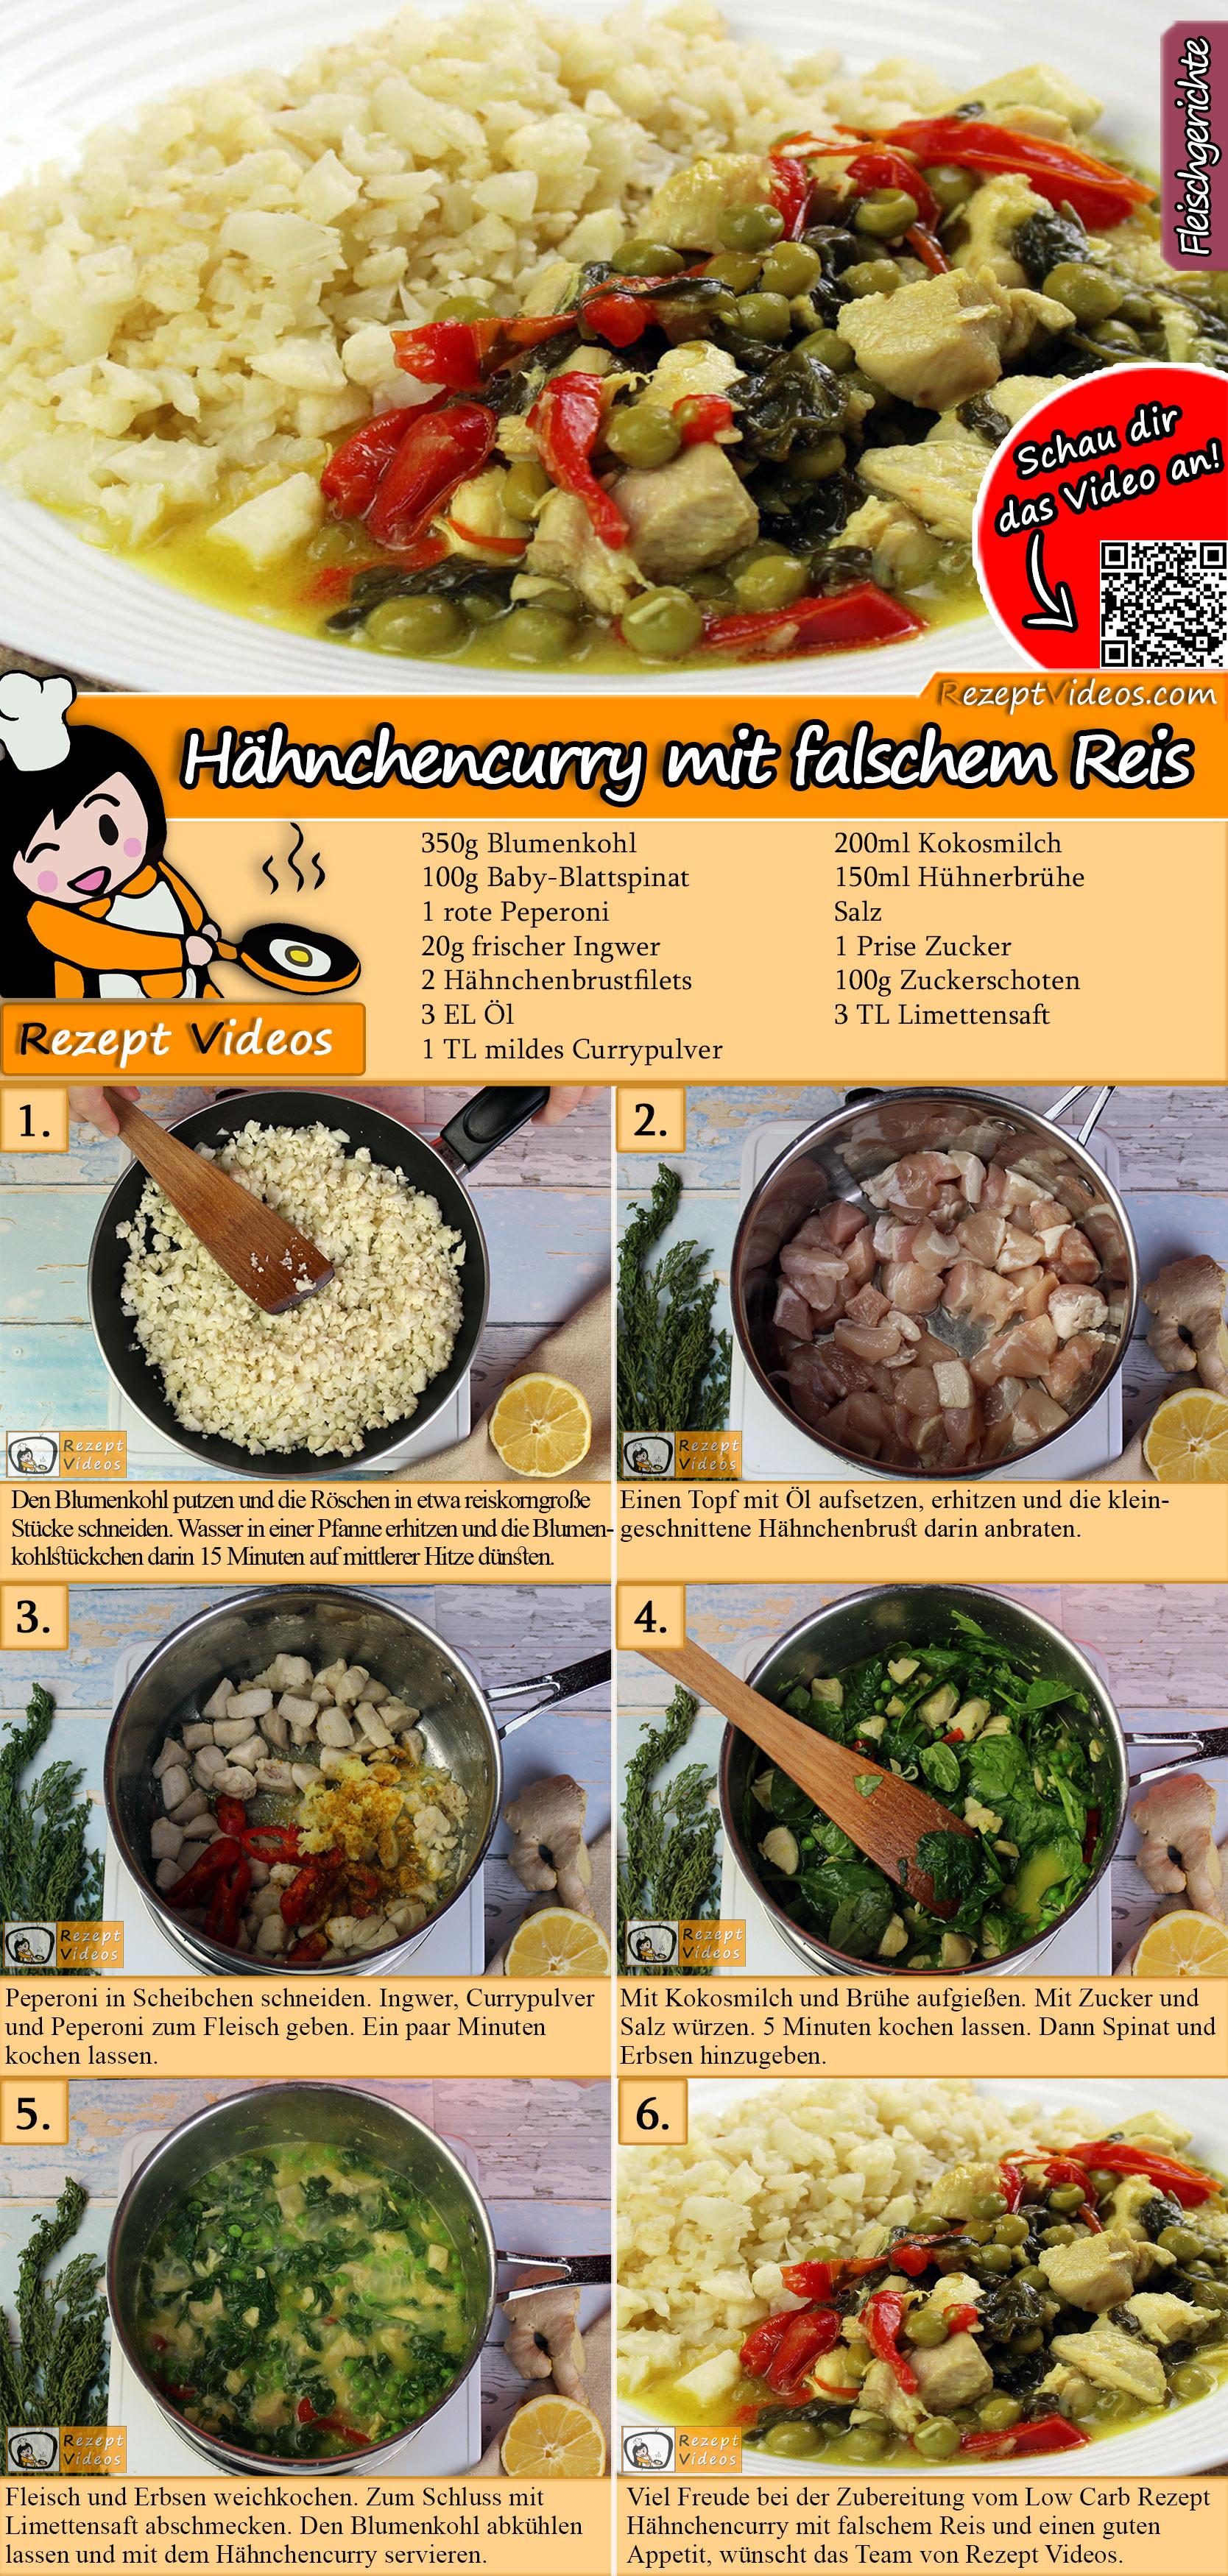 Hähnchencurry mit falschem Reis Rezept mit Video